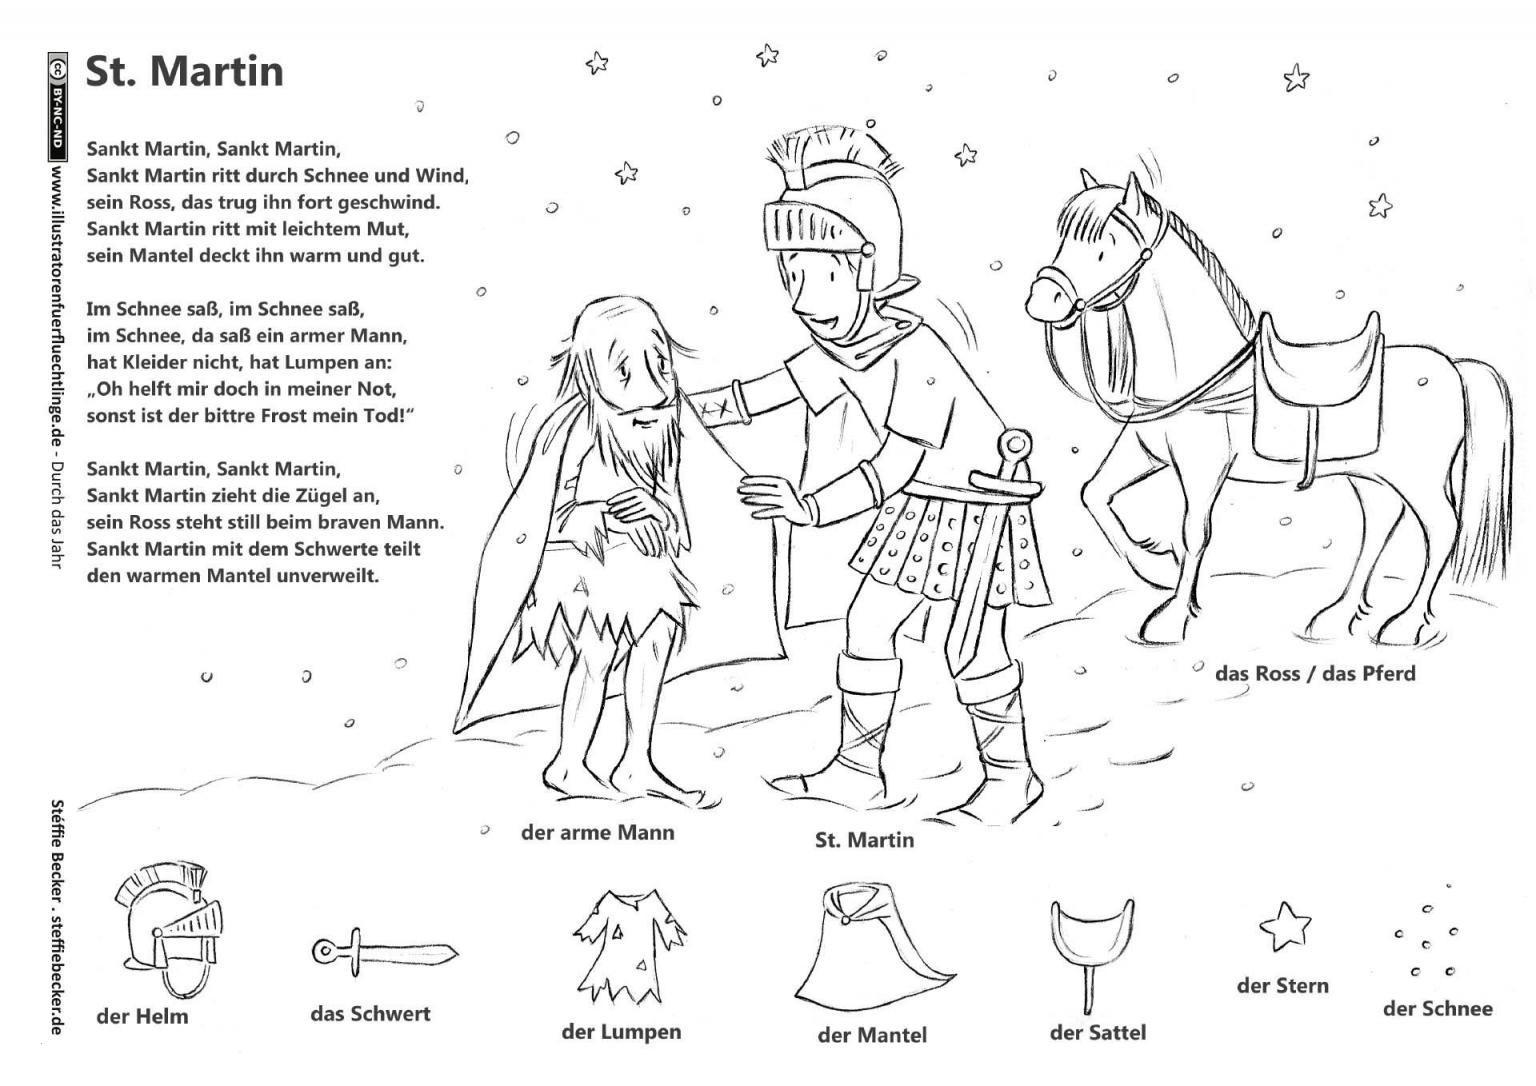 Bibi Und Tina Ausmalbilder Zum Drucken Kostenlos Das Beste Von Princess Mononoke Coloring Pages Awesome 43 Ausmalbilder Kleine Fotos